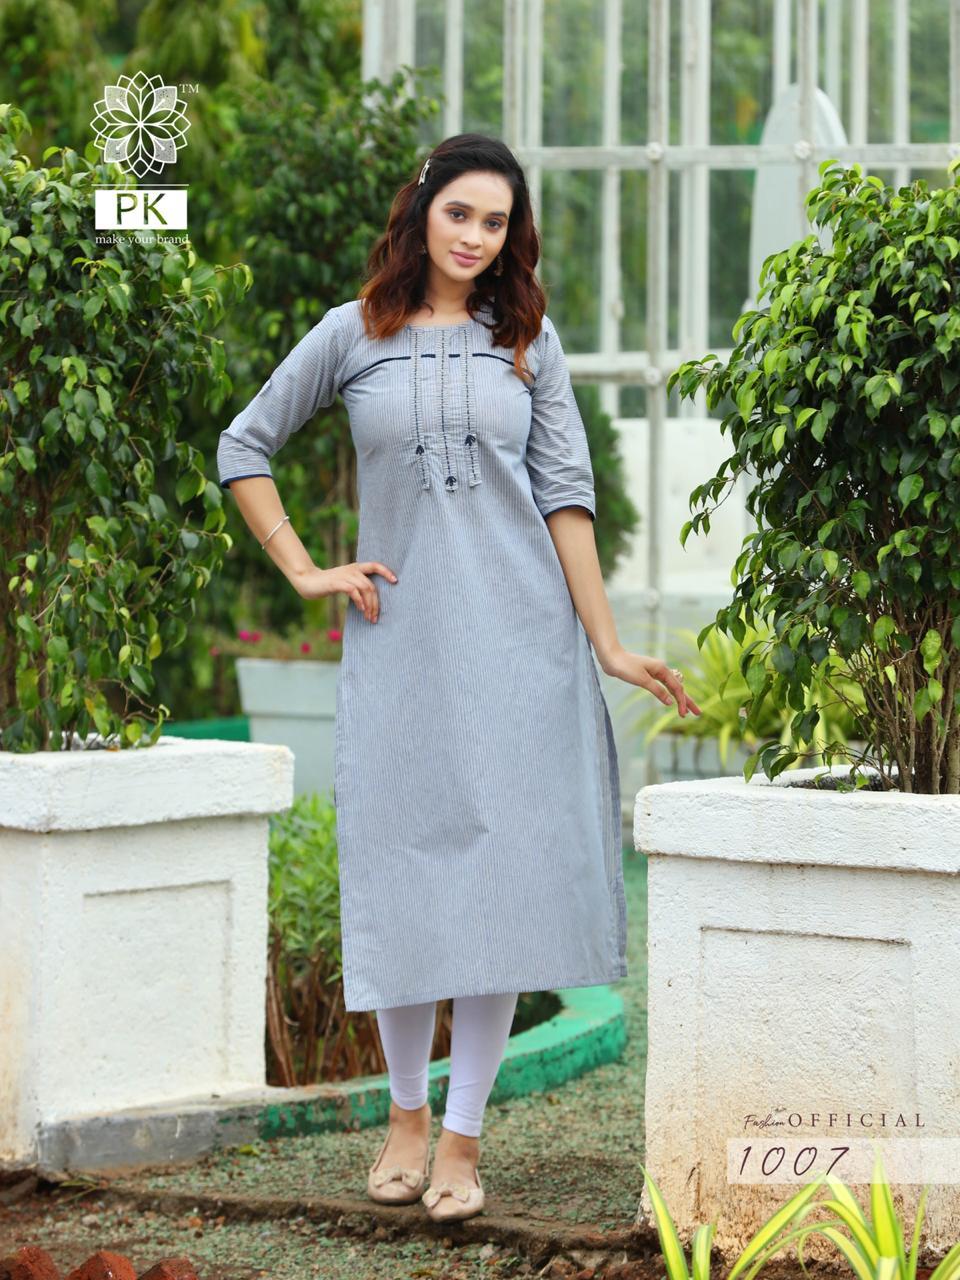 Pk Fashion Official Vol 1 Kurti Wholesale Catalog 9 Pcs 9 - Pk Fashion Official Vol 1 Kurti Wholesale Catalog 9 Pcs